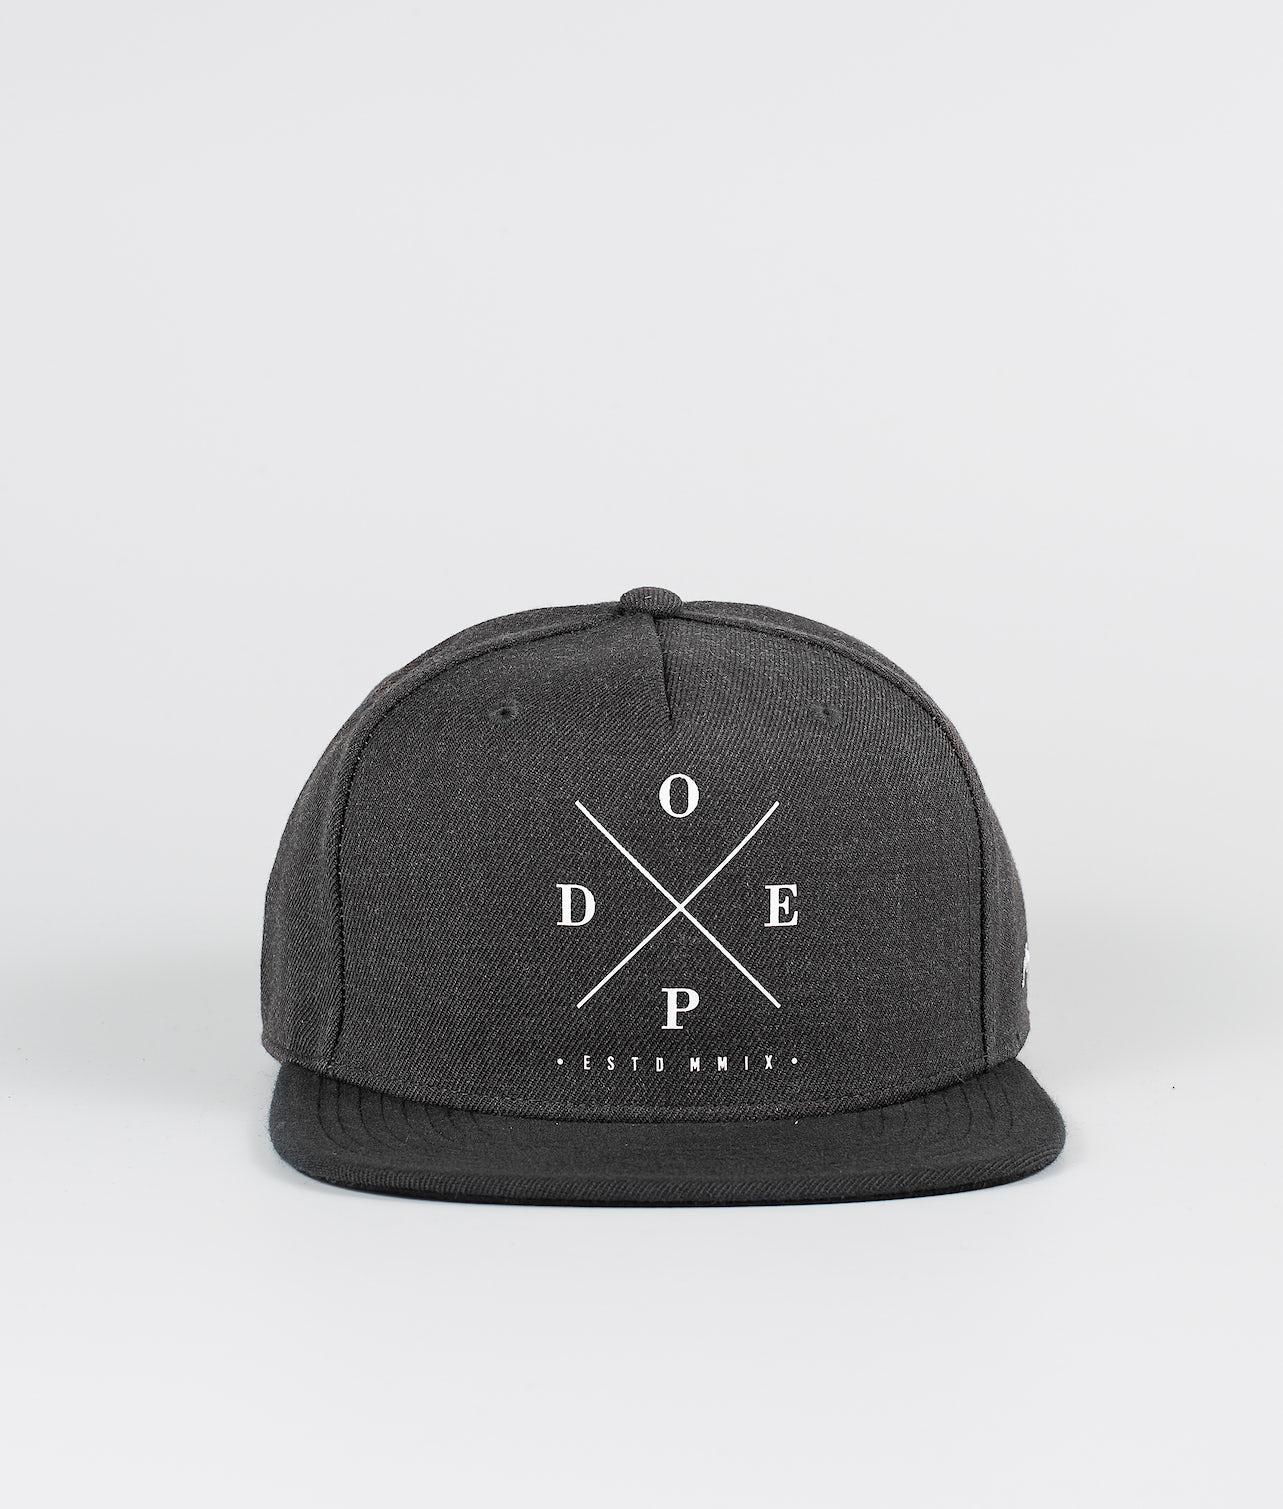 Kjøp 2X-Up Caps fra Dope på Ridestore.no - Hos oss har du alltid fri frakt, fri retur og 30 dagers åpent kjøp!